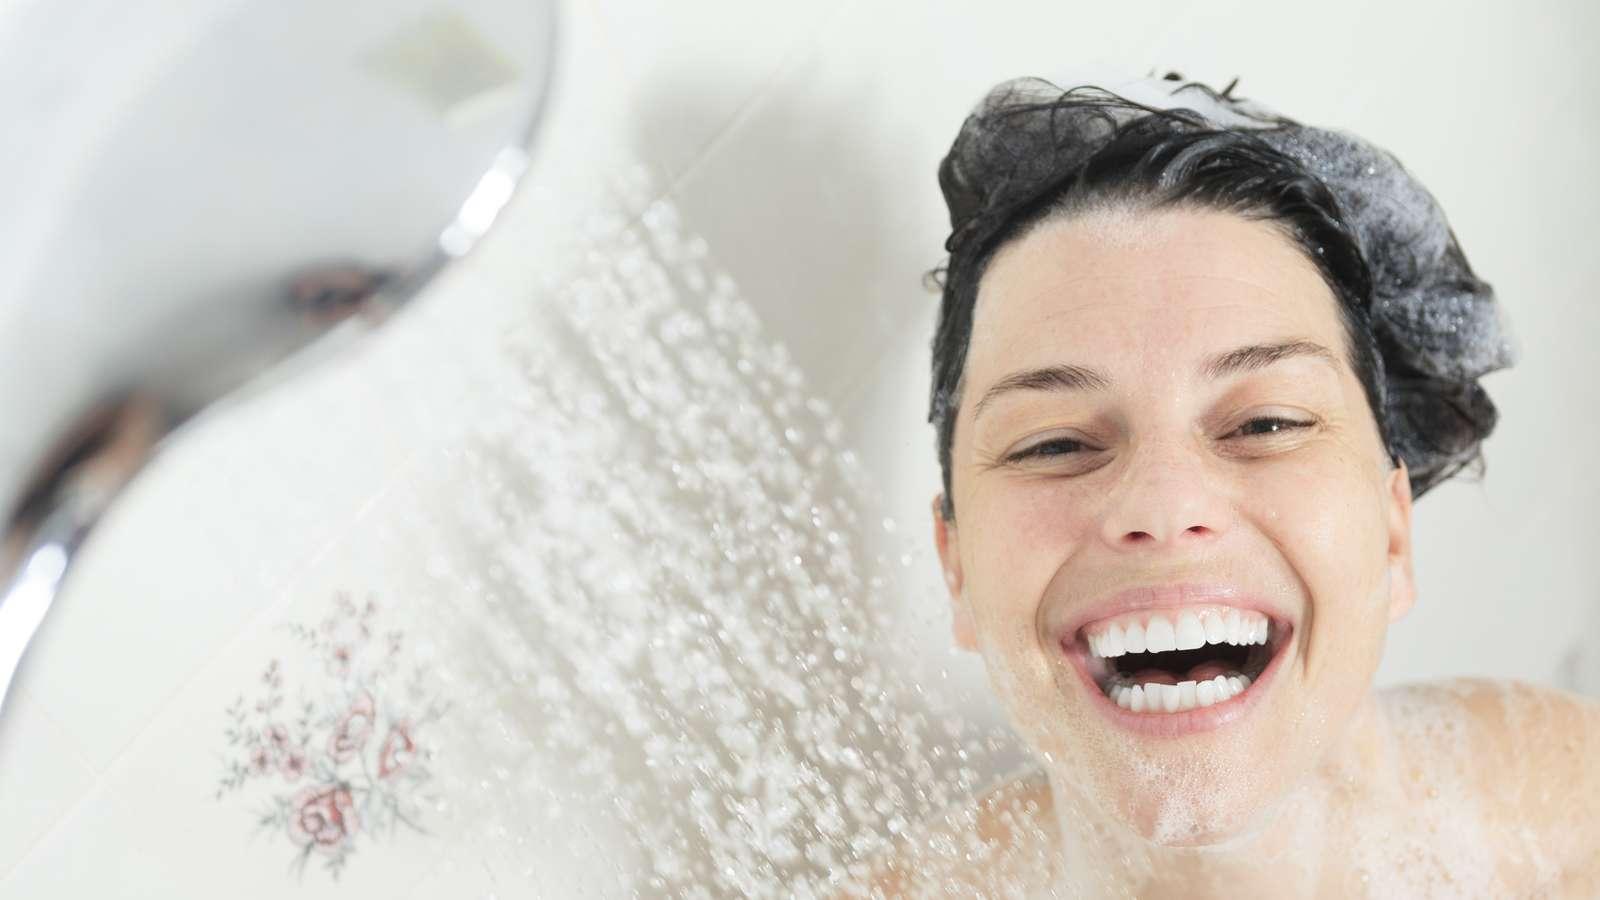 haare waschen naturprodukte stilvolle frisur website foto blog